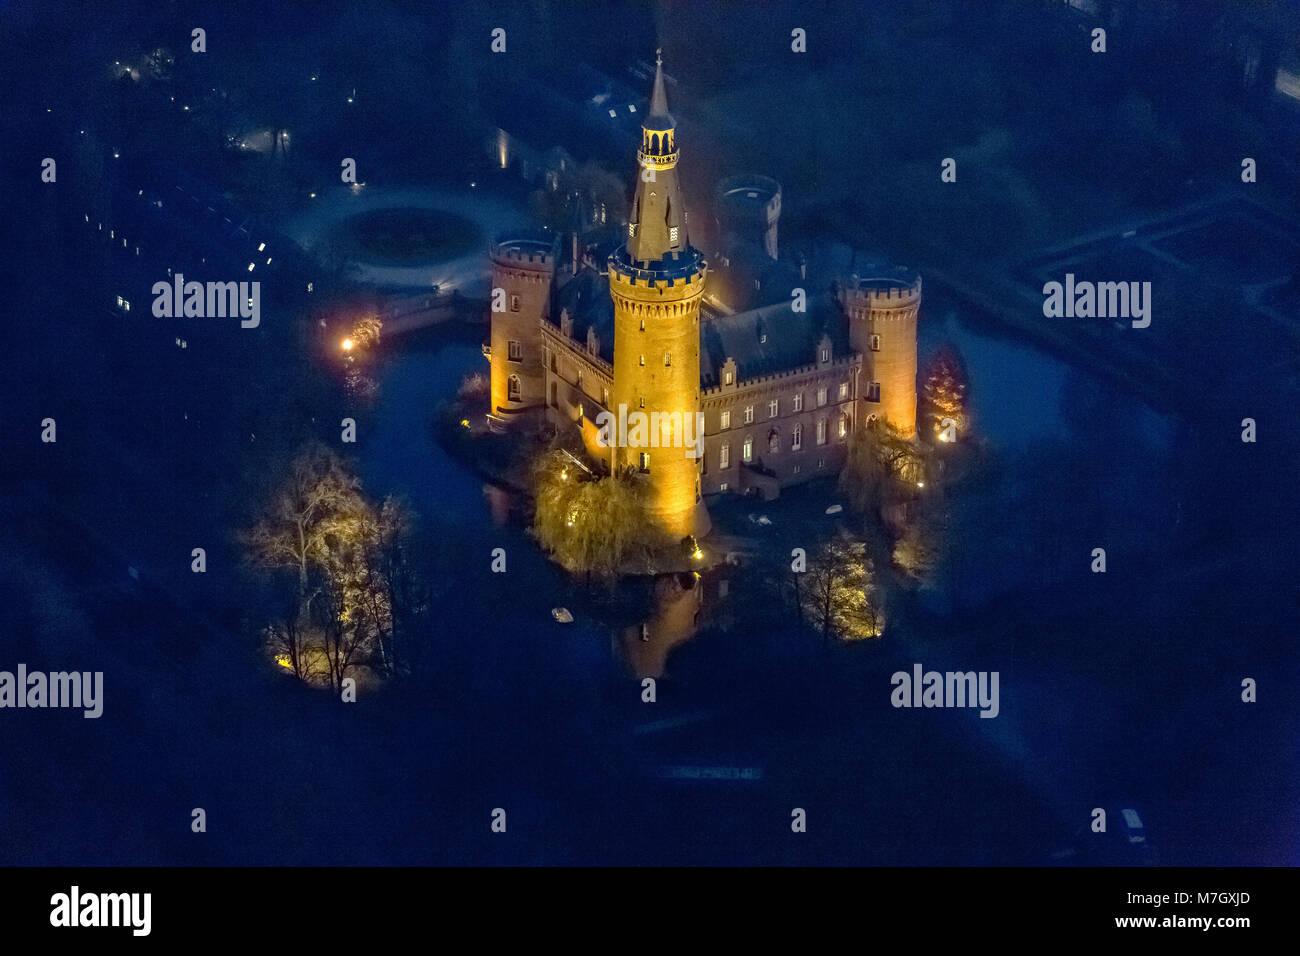 Luftbild, Bedburg-Hau, Niederrhein, neugotisches Schloss, historisierender Tudorstil, Wasserschloss, Schloss Moyland, - Stock Image